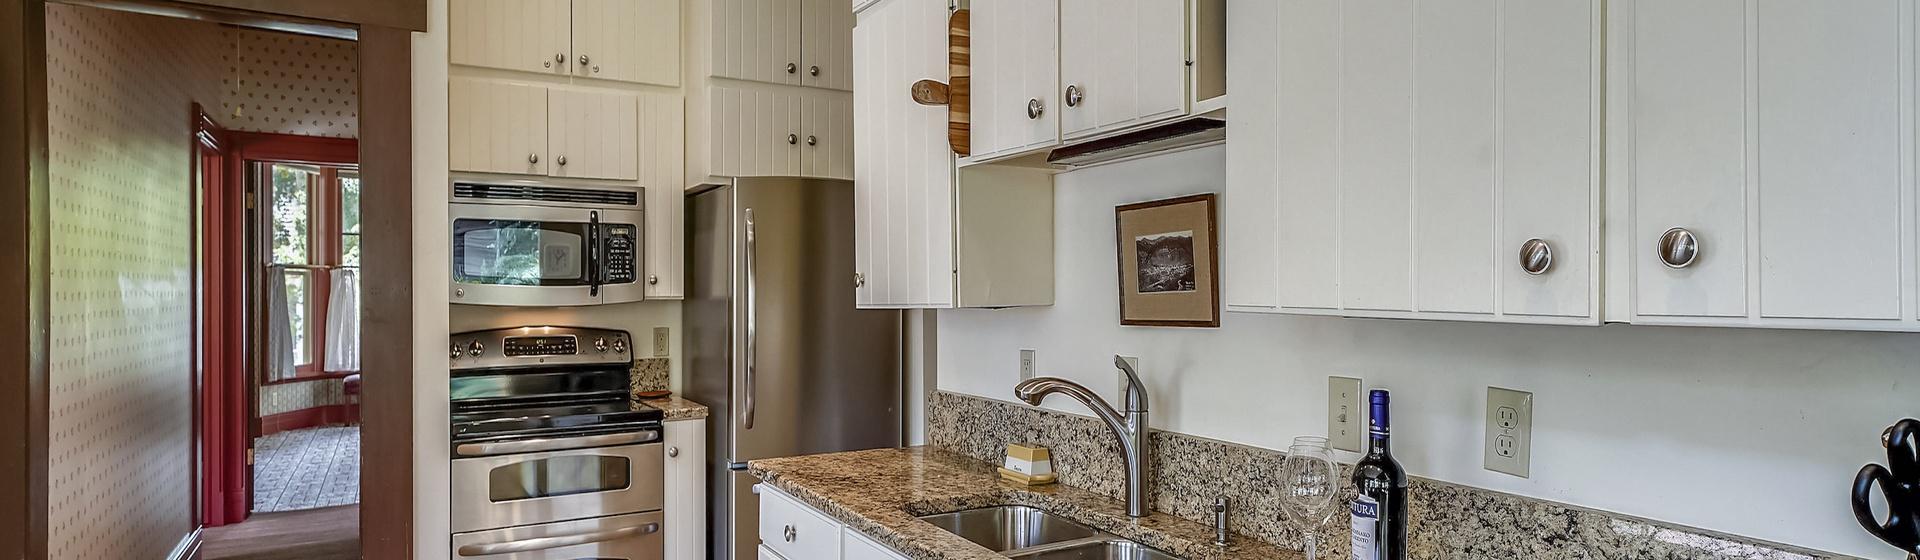 2.07-telluride-summer-haus-Interior-Kitchen-web.jpg